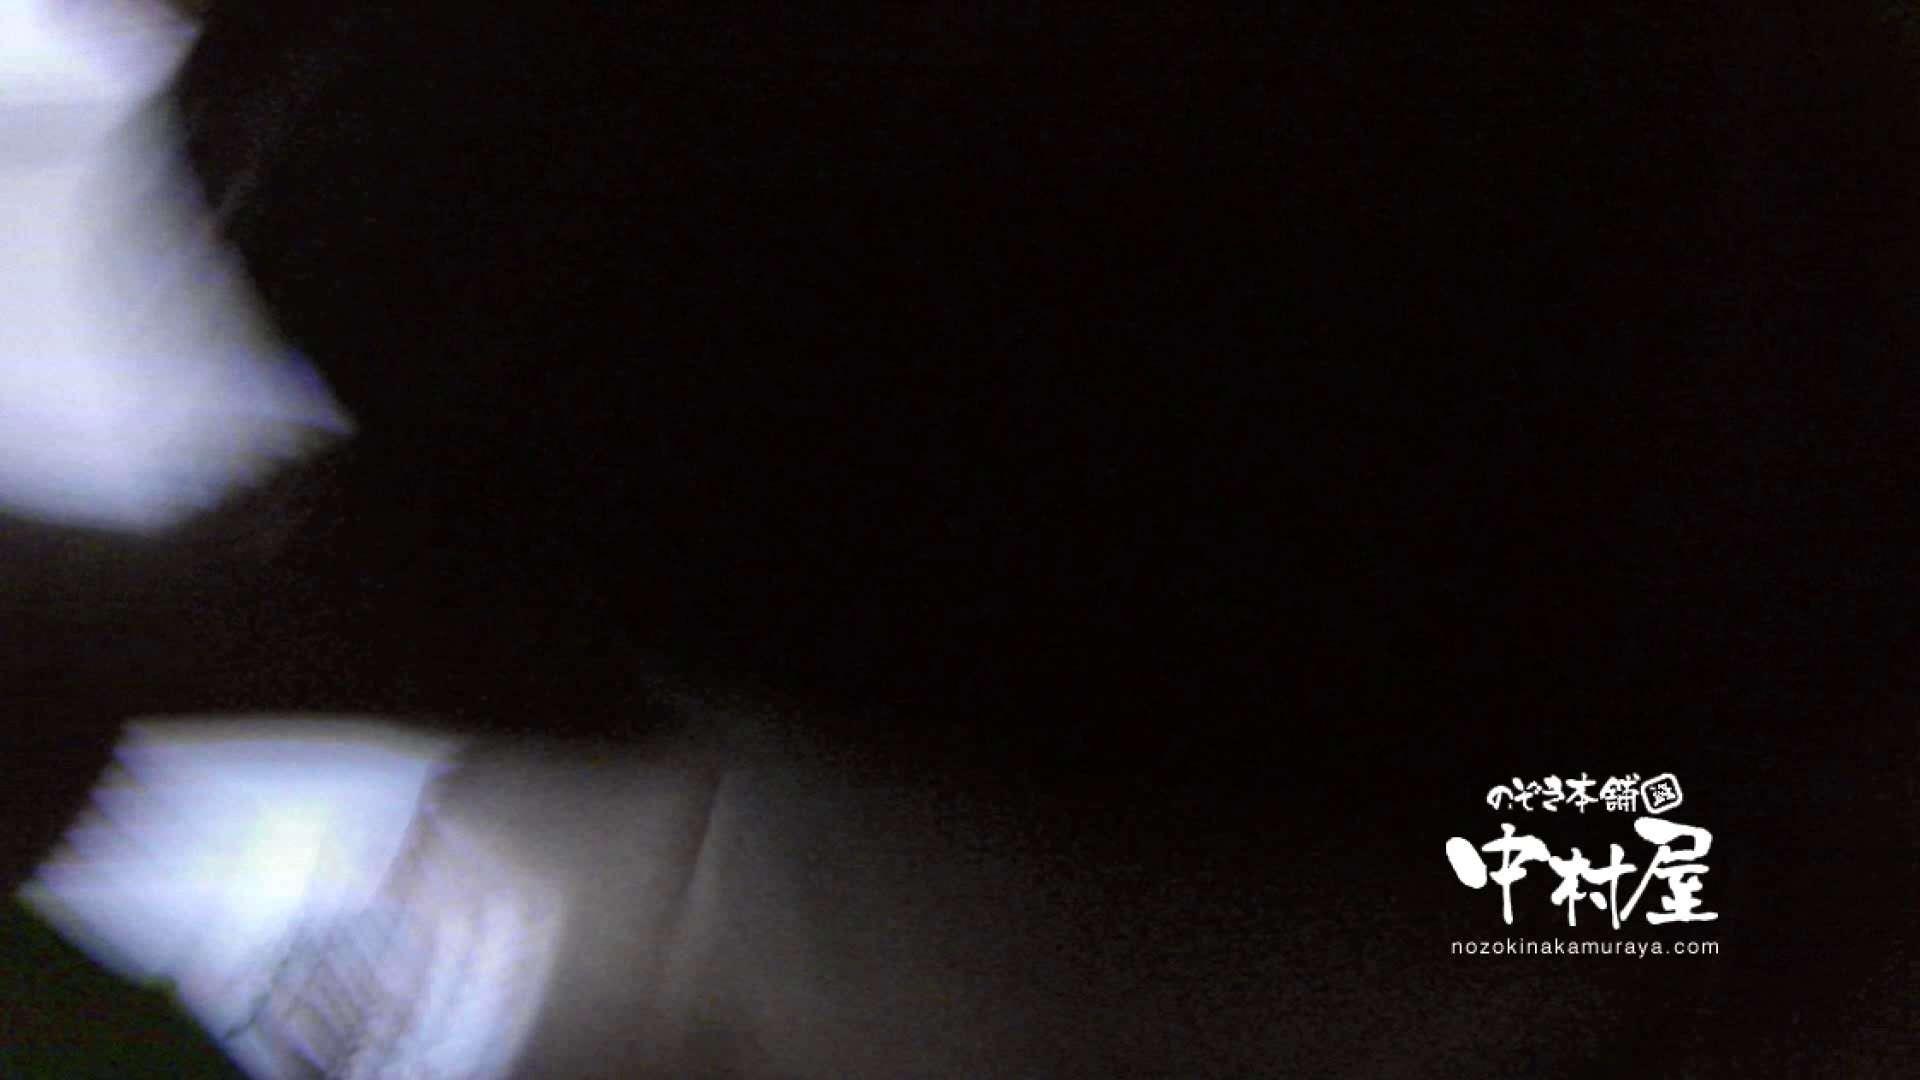 鬼畜 vol.12 剥ぎ取ったら色白でゴウモウだった 後編 鬼畜 | 0  109PIX 83